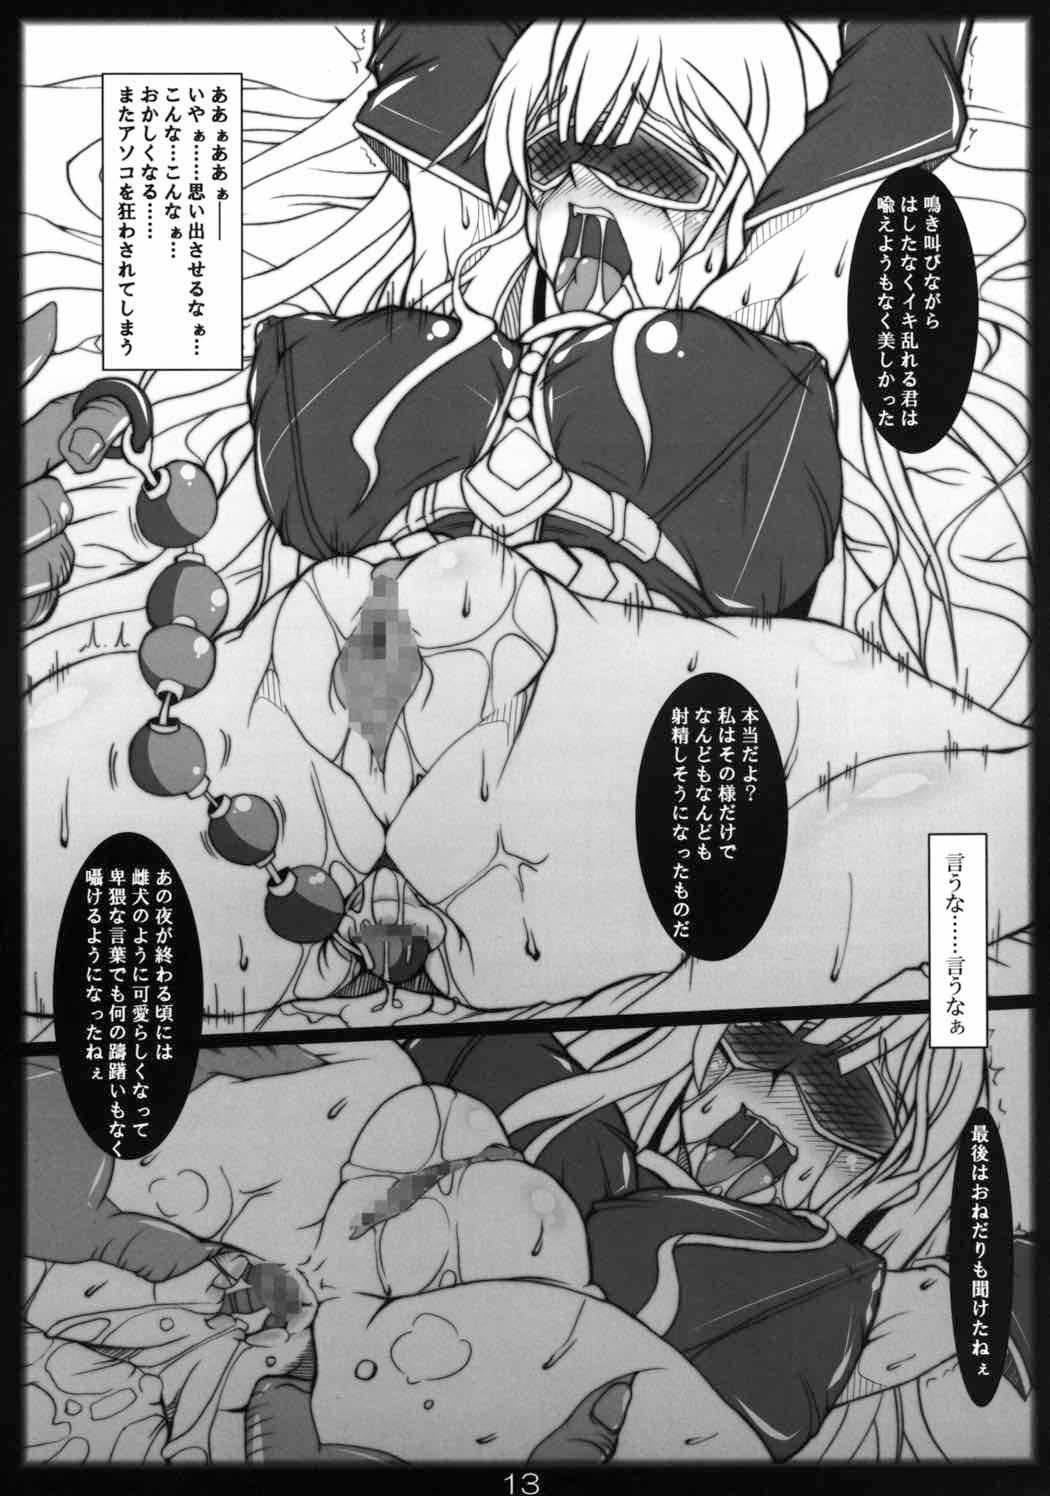 【エロ同人誌】アナルを屈服させよ!ヒクつくアナルを陵辱し雌穴にwww【戦場のヴァルキュリア/C78】